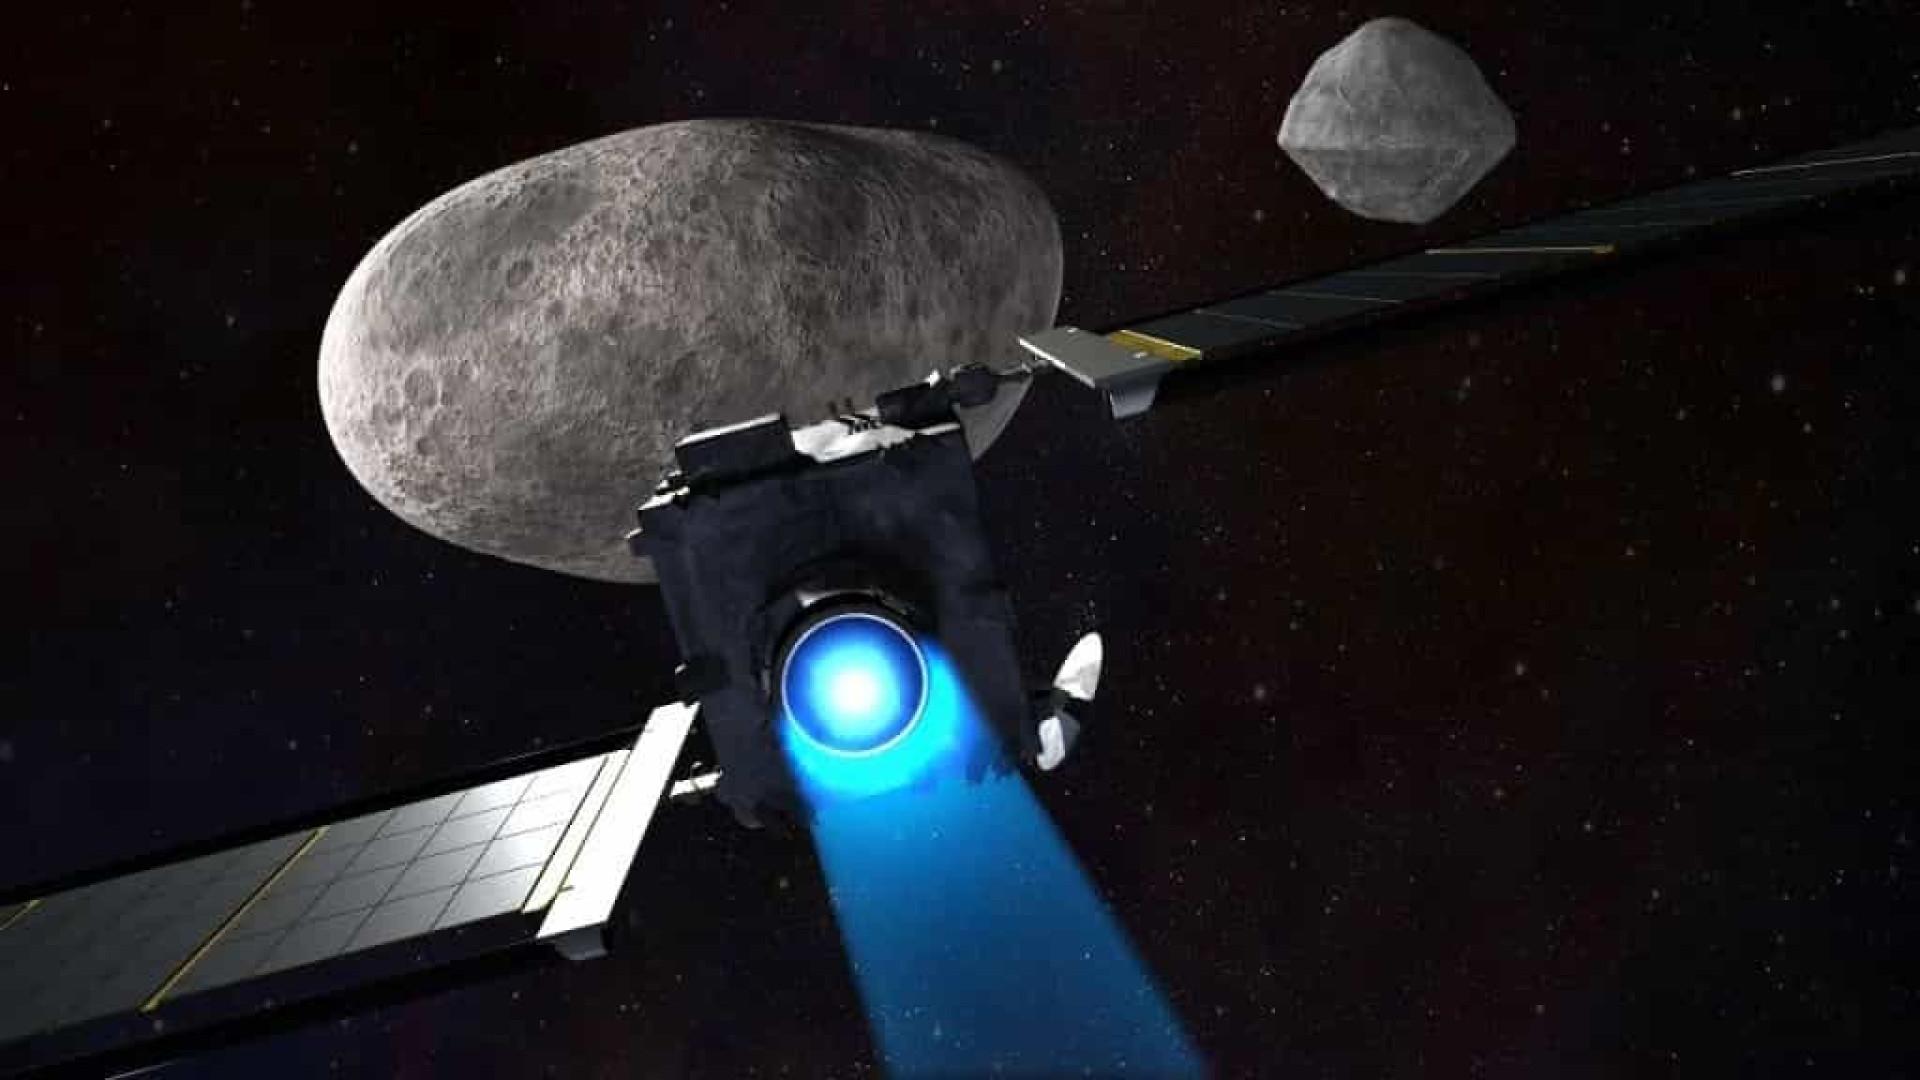 Colisão com asteroide pode criar chuva de meteoros artificial